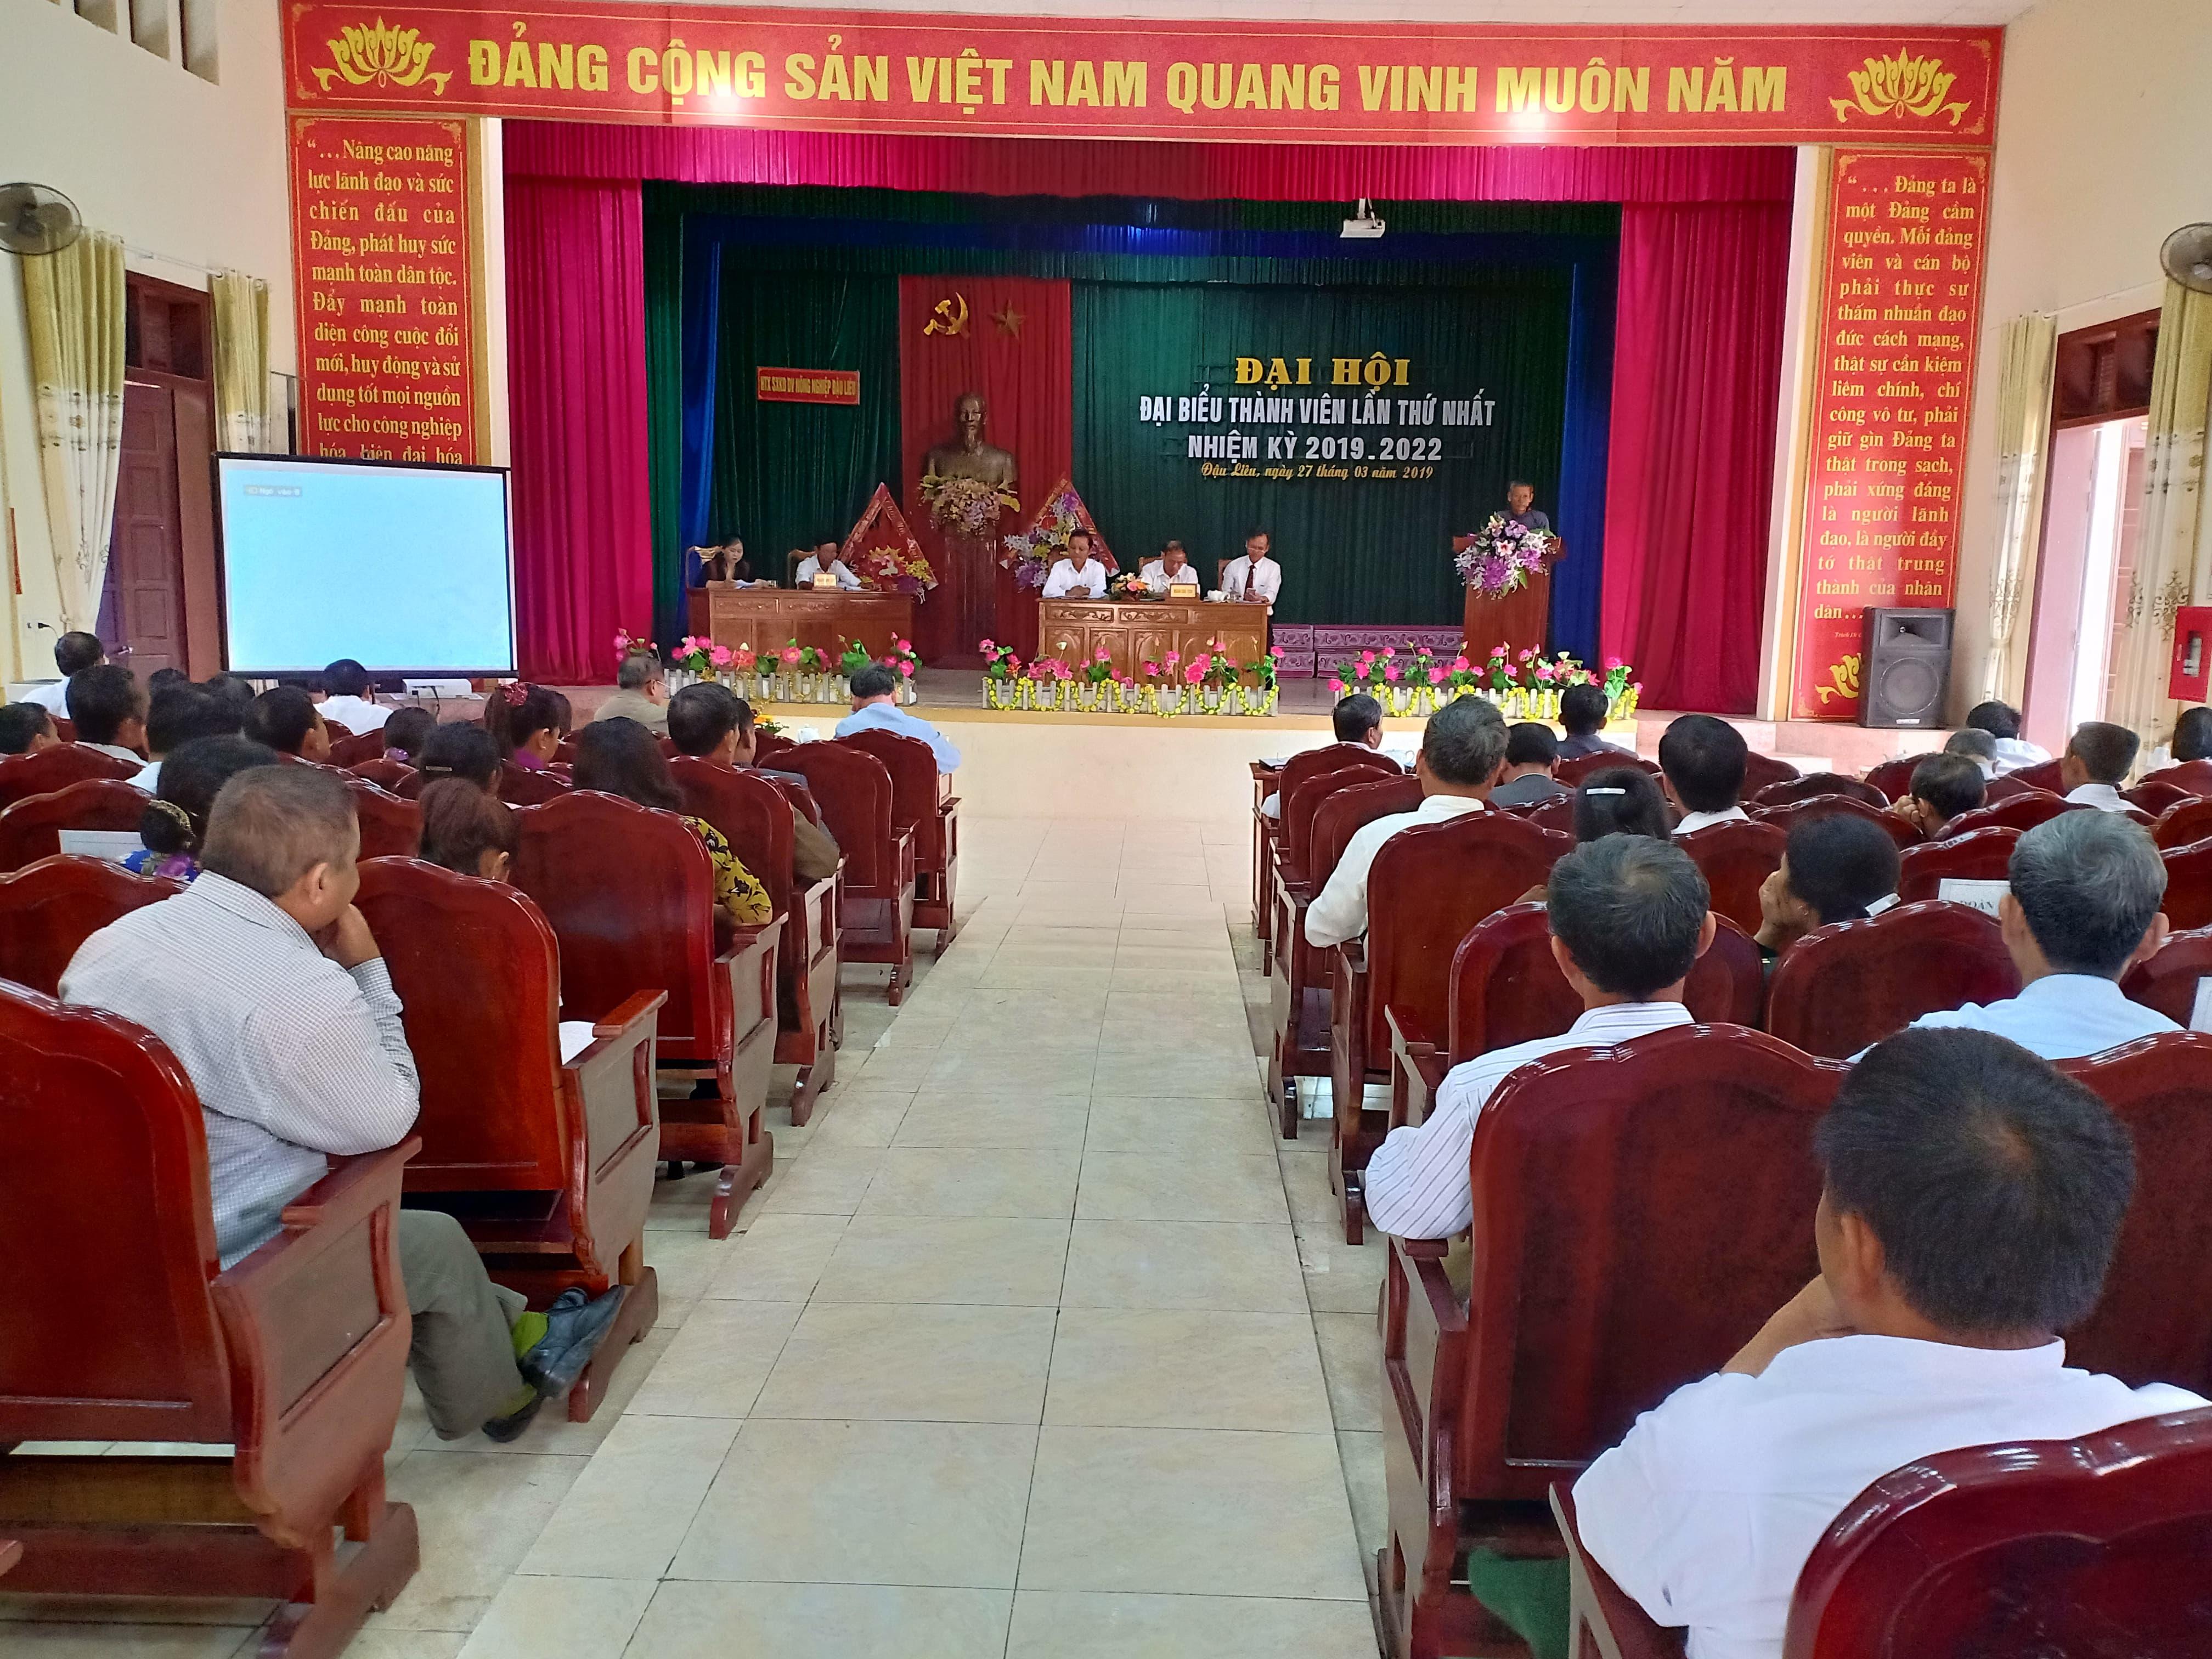 Đại hội đại biểu thành viên Hợp tác xã Dịch vụ nông nghiệp phường Đậu Liêu, nhiệm kỳ 2019 - 2022